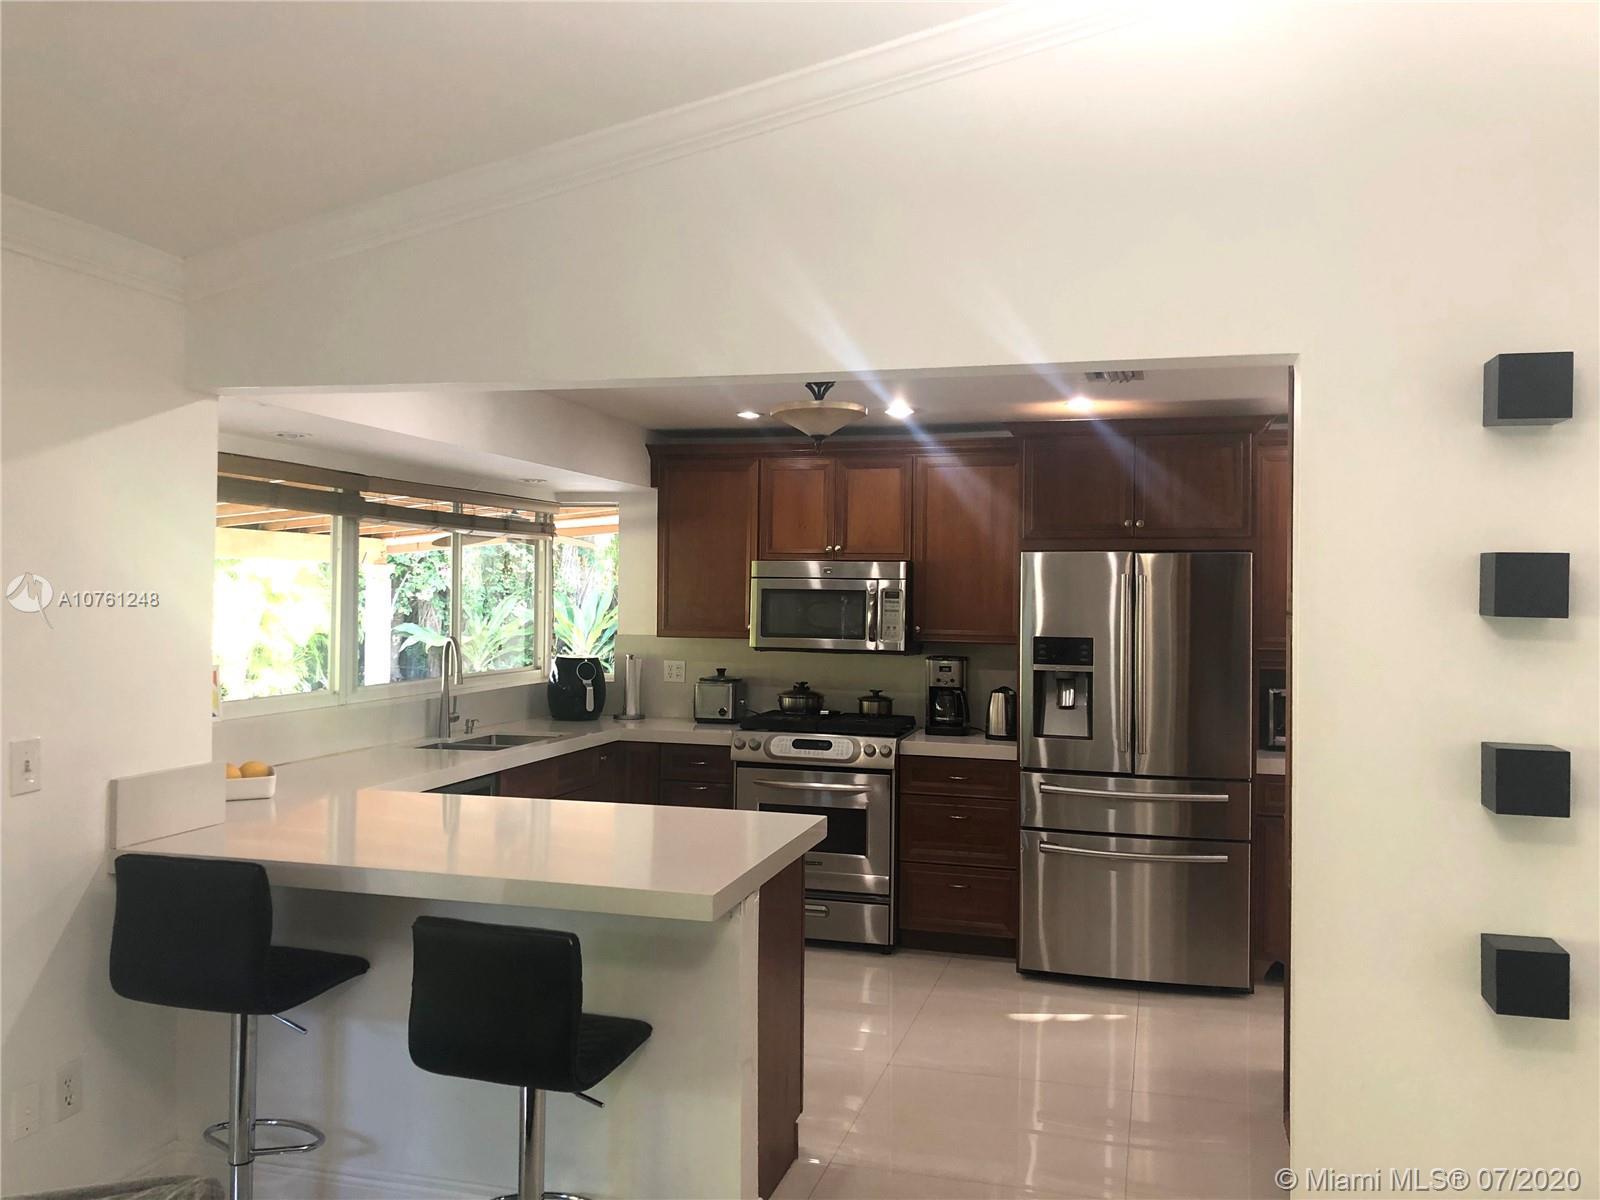 9519 SW 118th Pl, Miami, FL 33186 - Miami, FL real estate listing